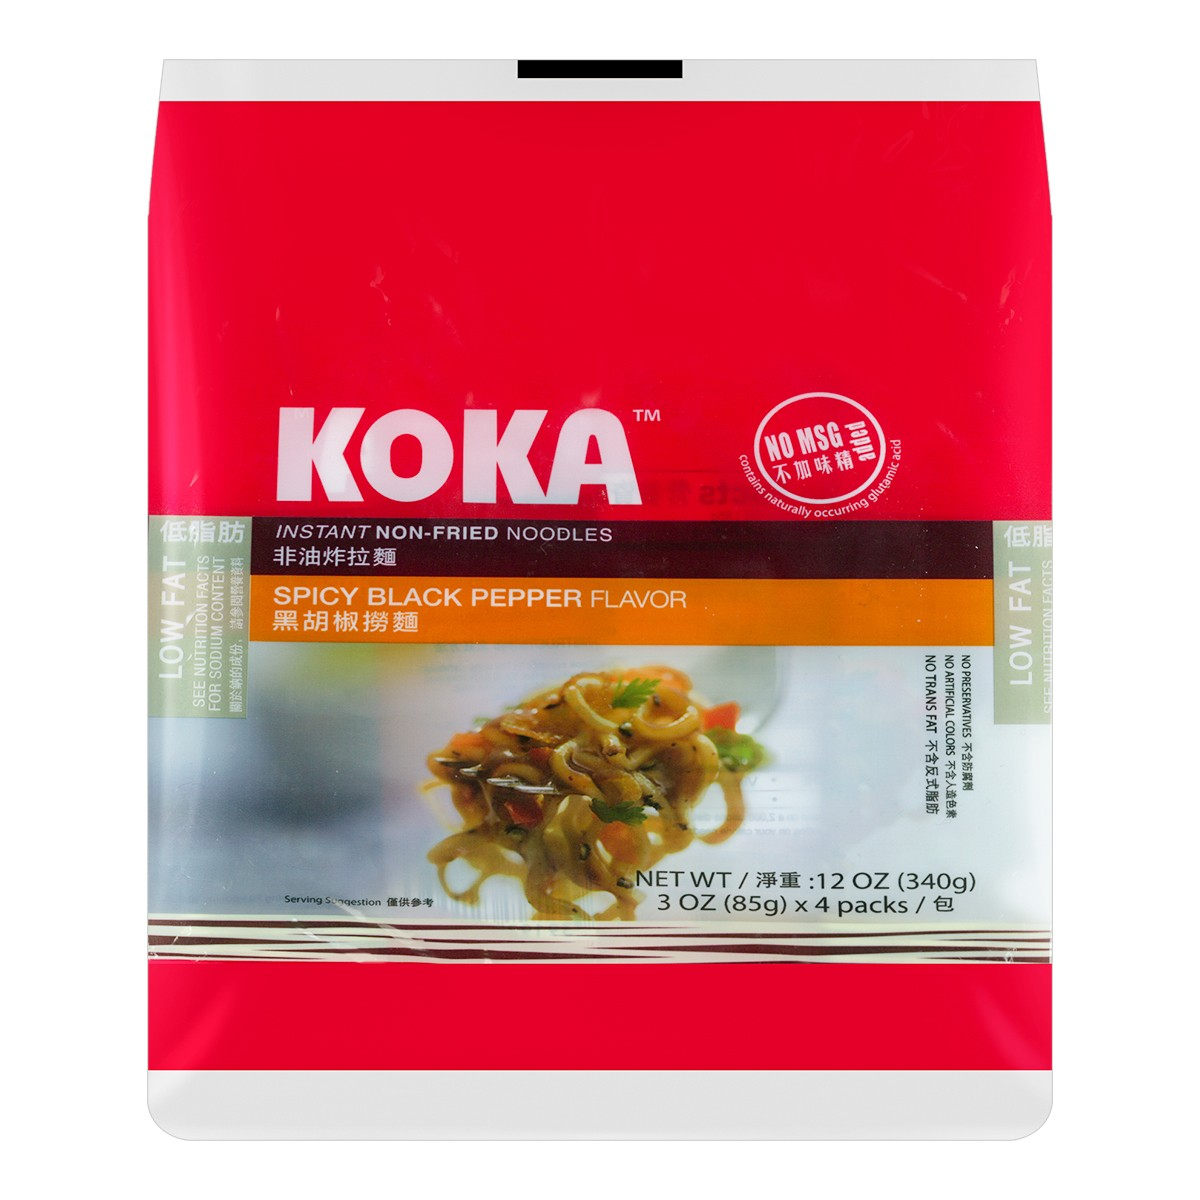 新加坡KOKA 黑胡椒捞面 非油炸拉面 4包入 340g